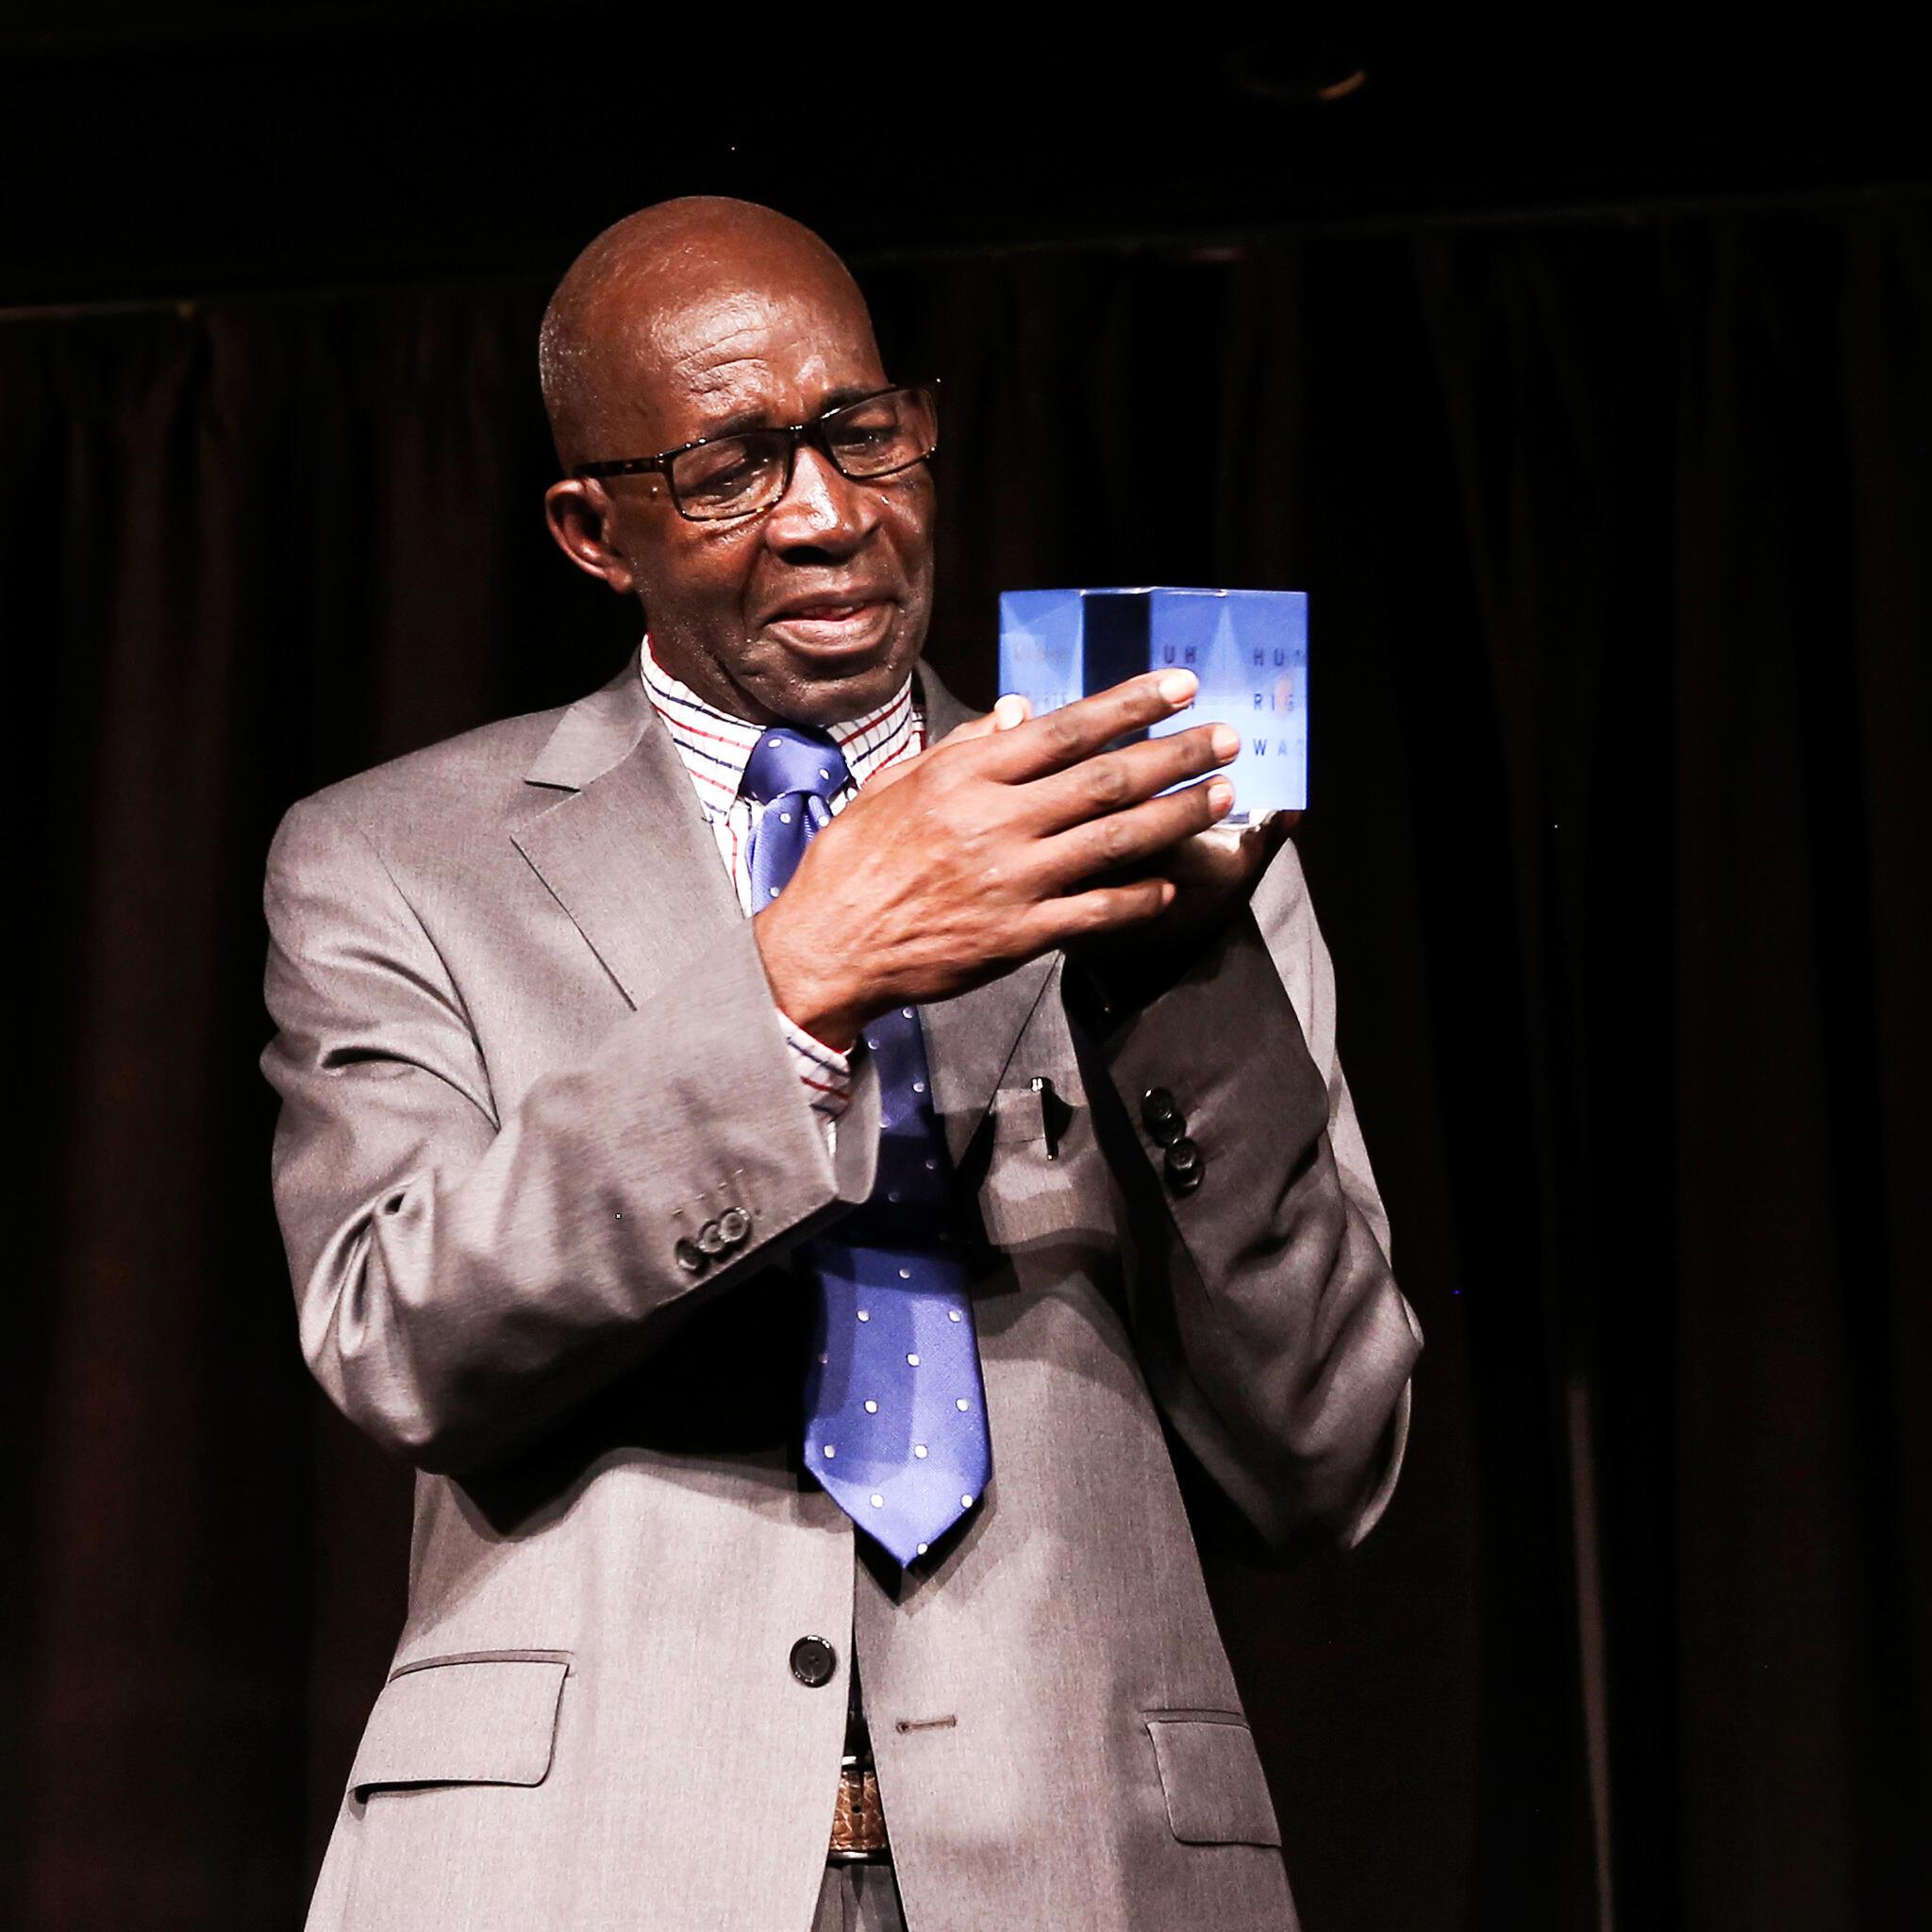 Pierre Claver Mbonimpa, directeur et fondateur de l'Association pour la protection des droits humains et des personnes détenues, victime d'une tentative d'assassinat en 2015. Il a reçu le prix Alison Des Forges de Human Rights Watch début novembre à Paris.